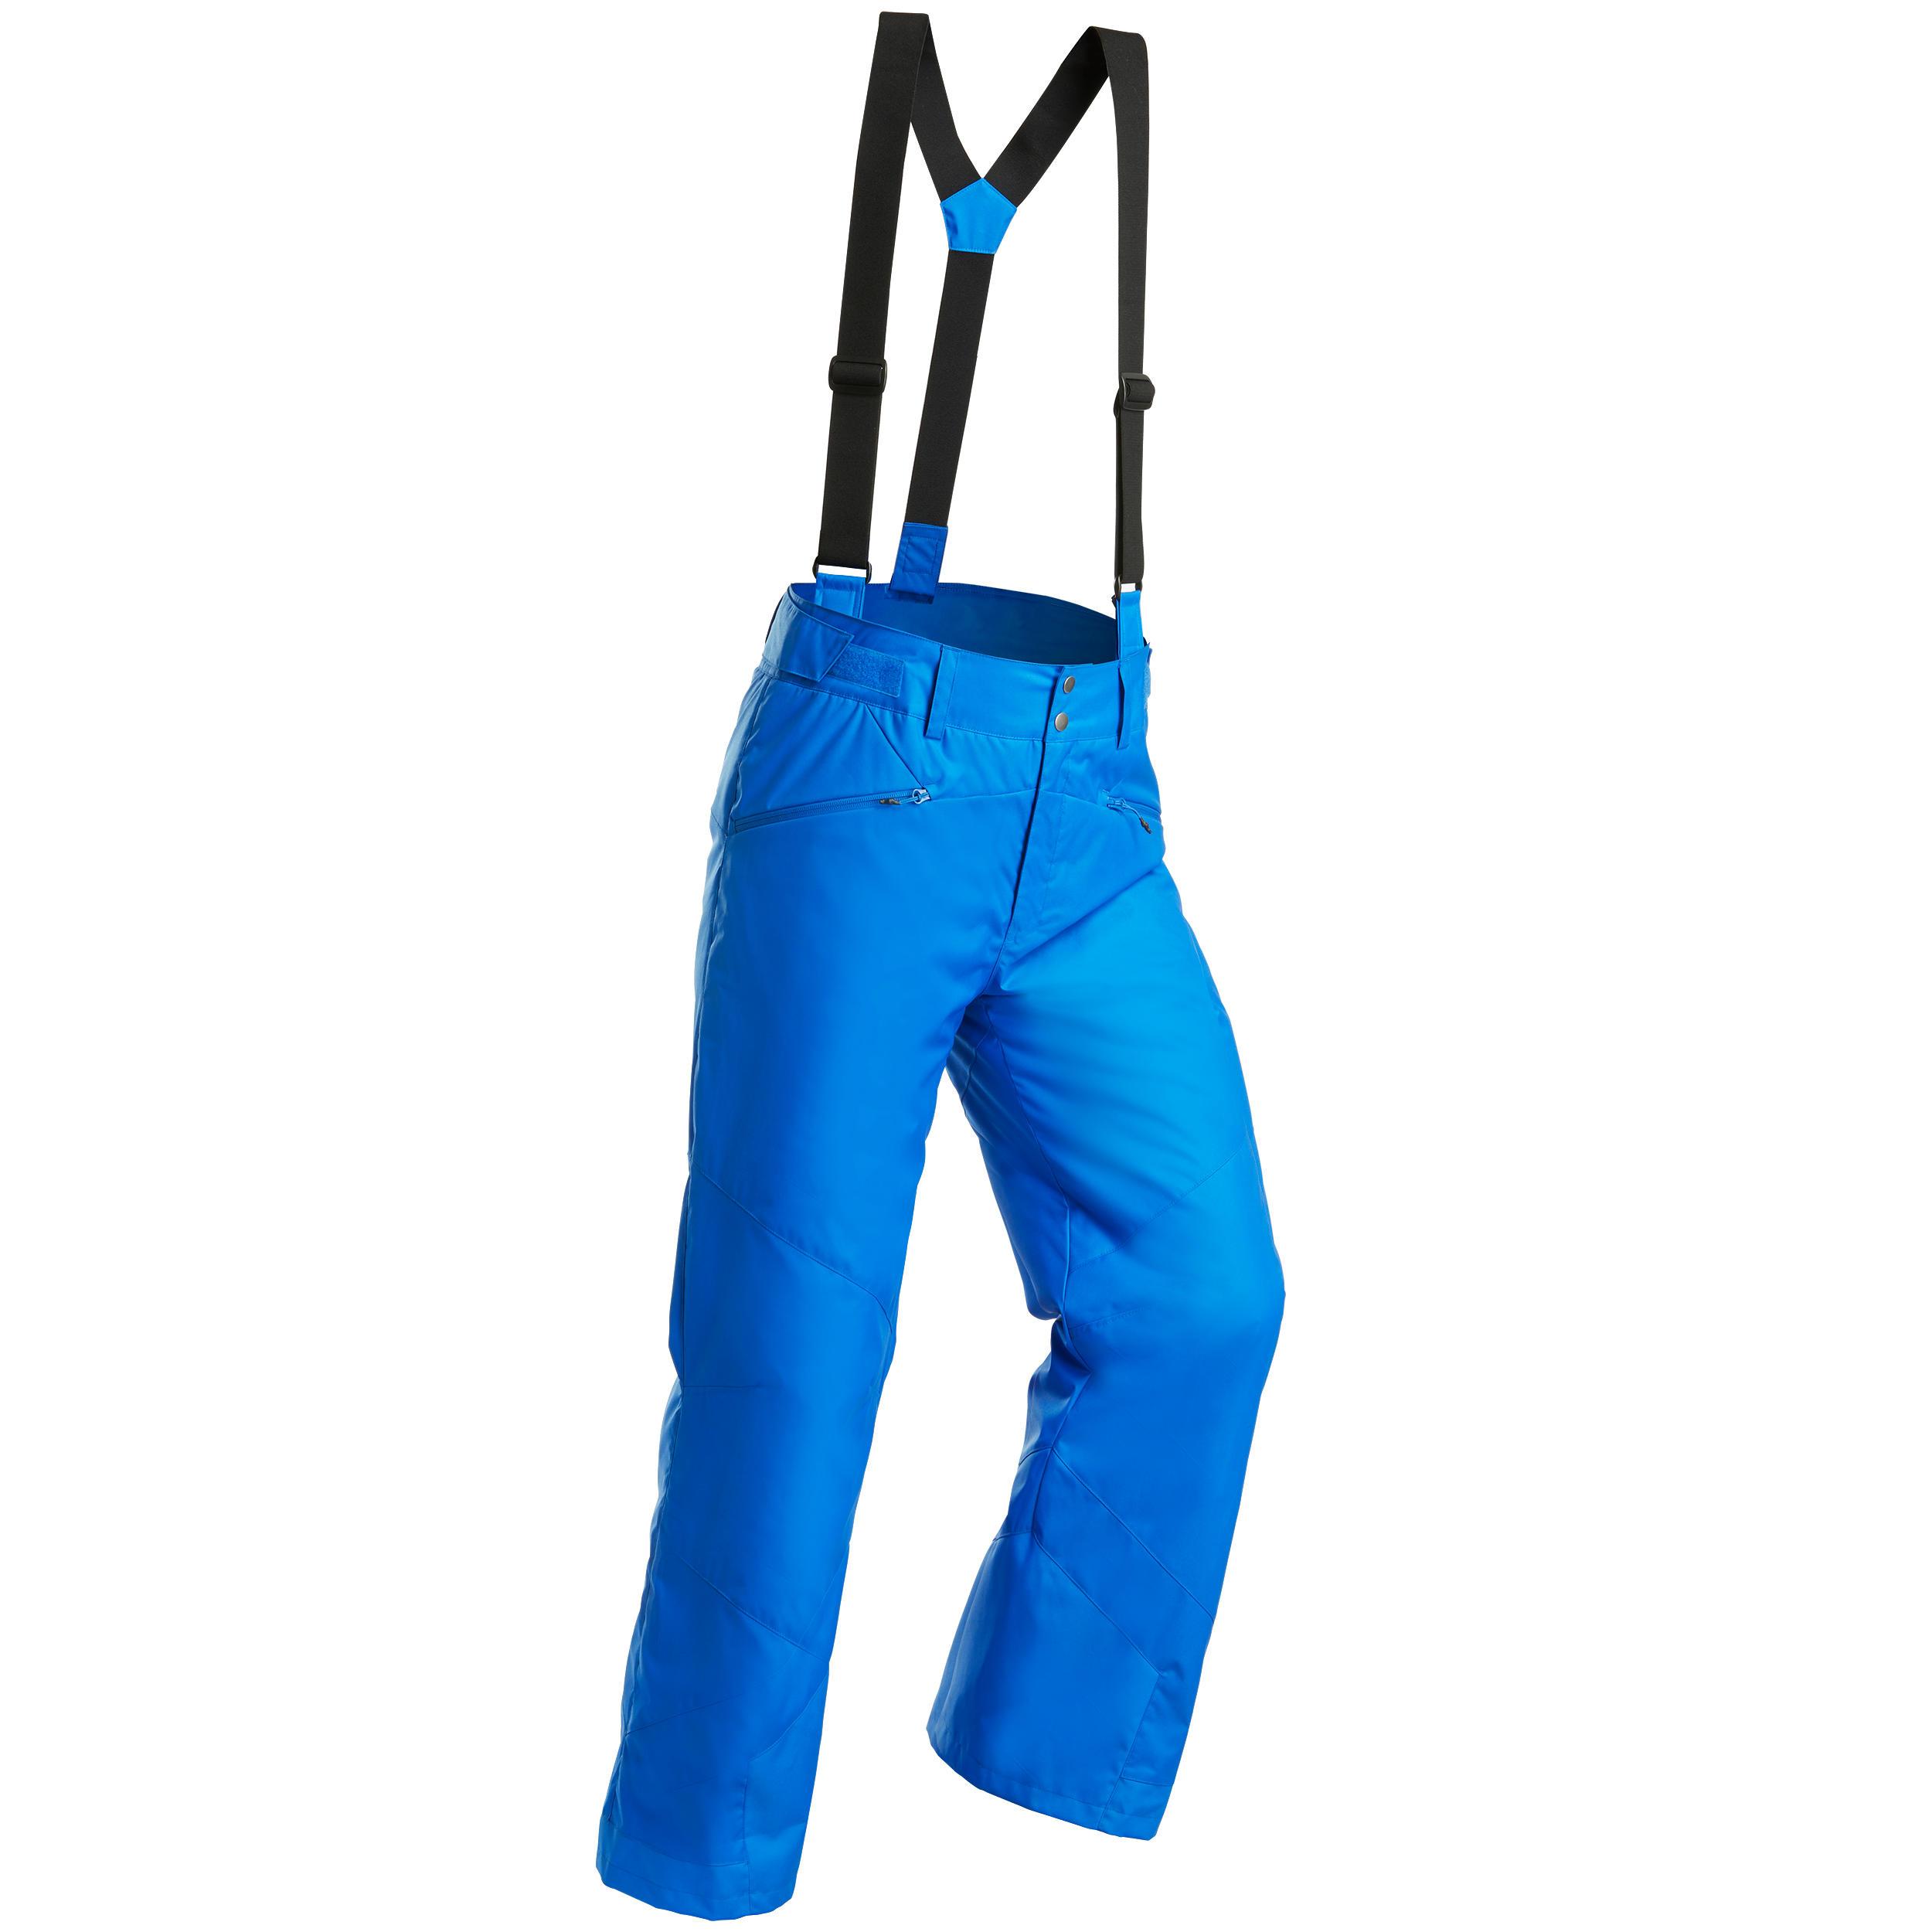 Pantalon Schi 180 Bărbați imagine produs